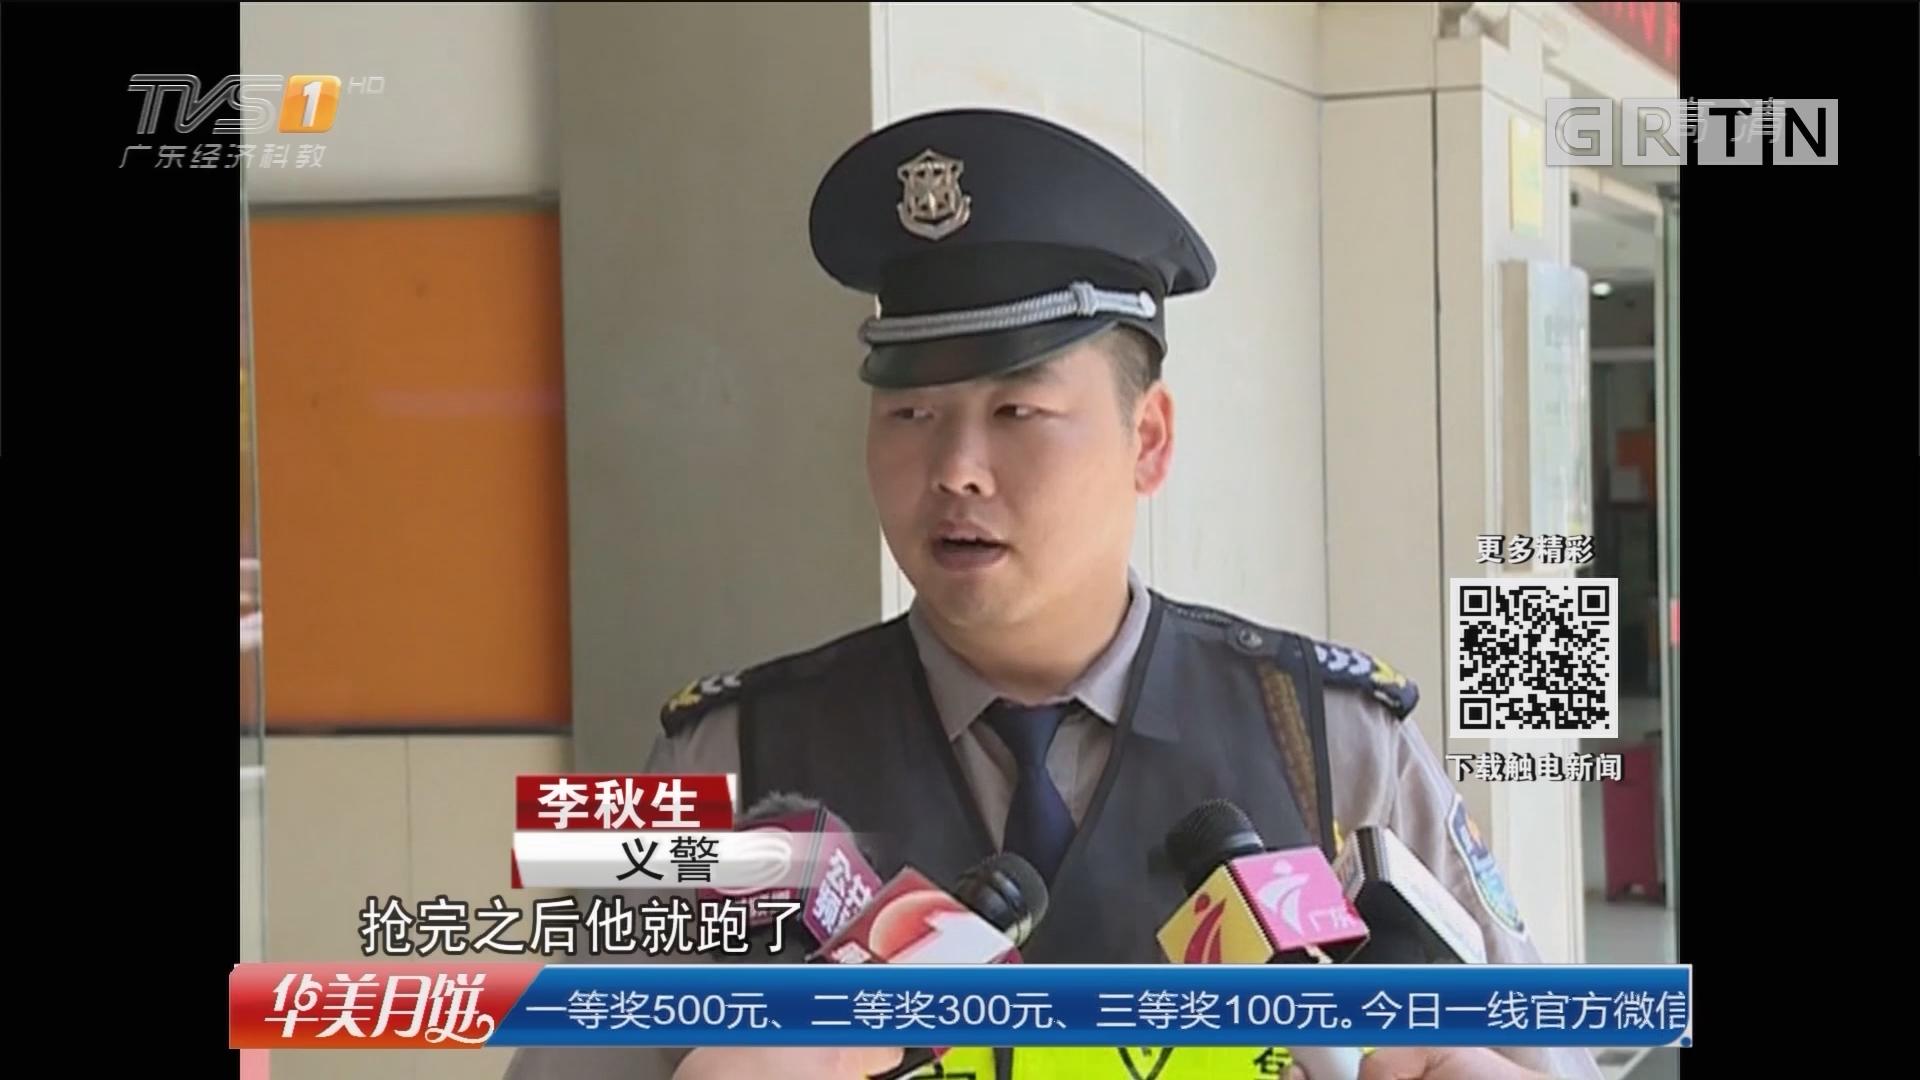 深圳:片区义警频出手 避免案件升级